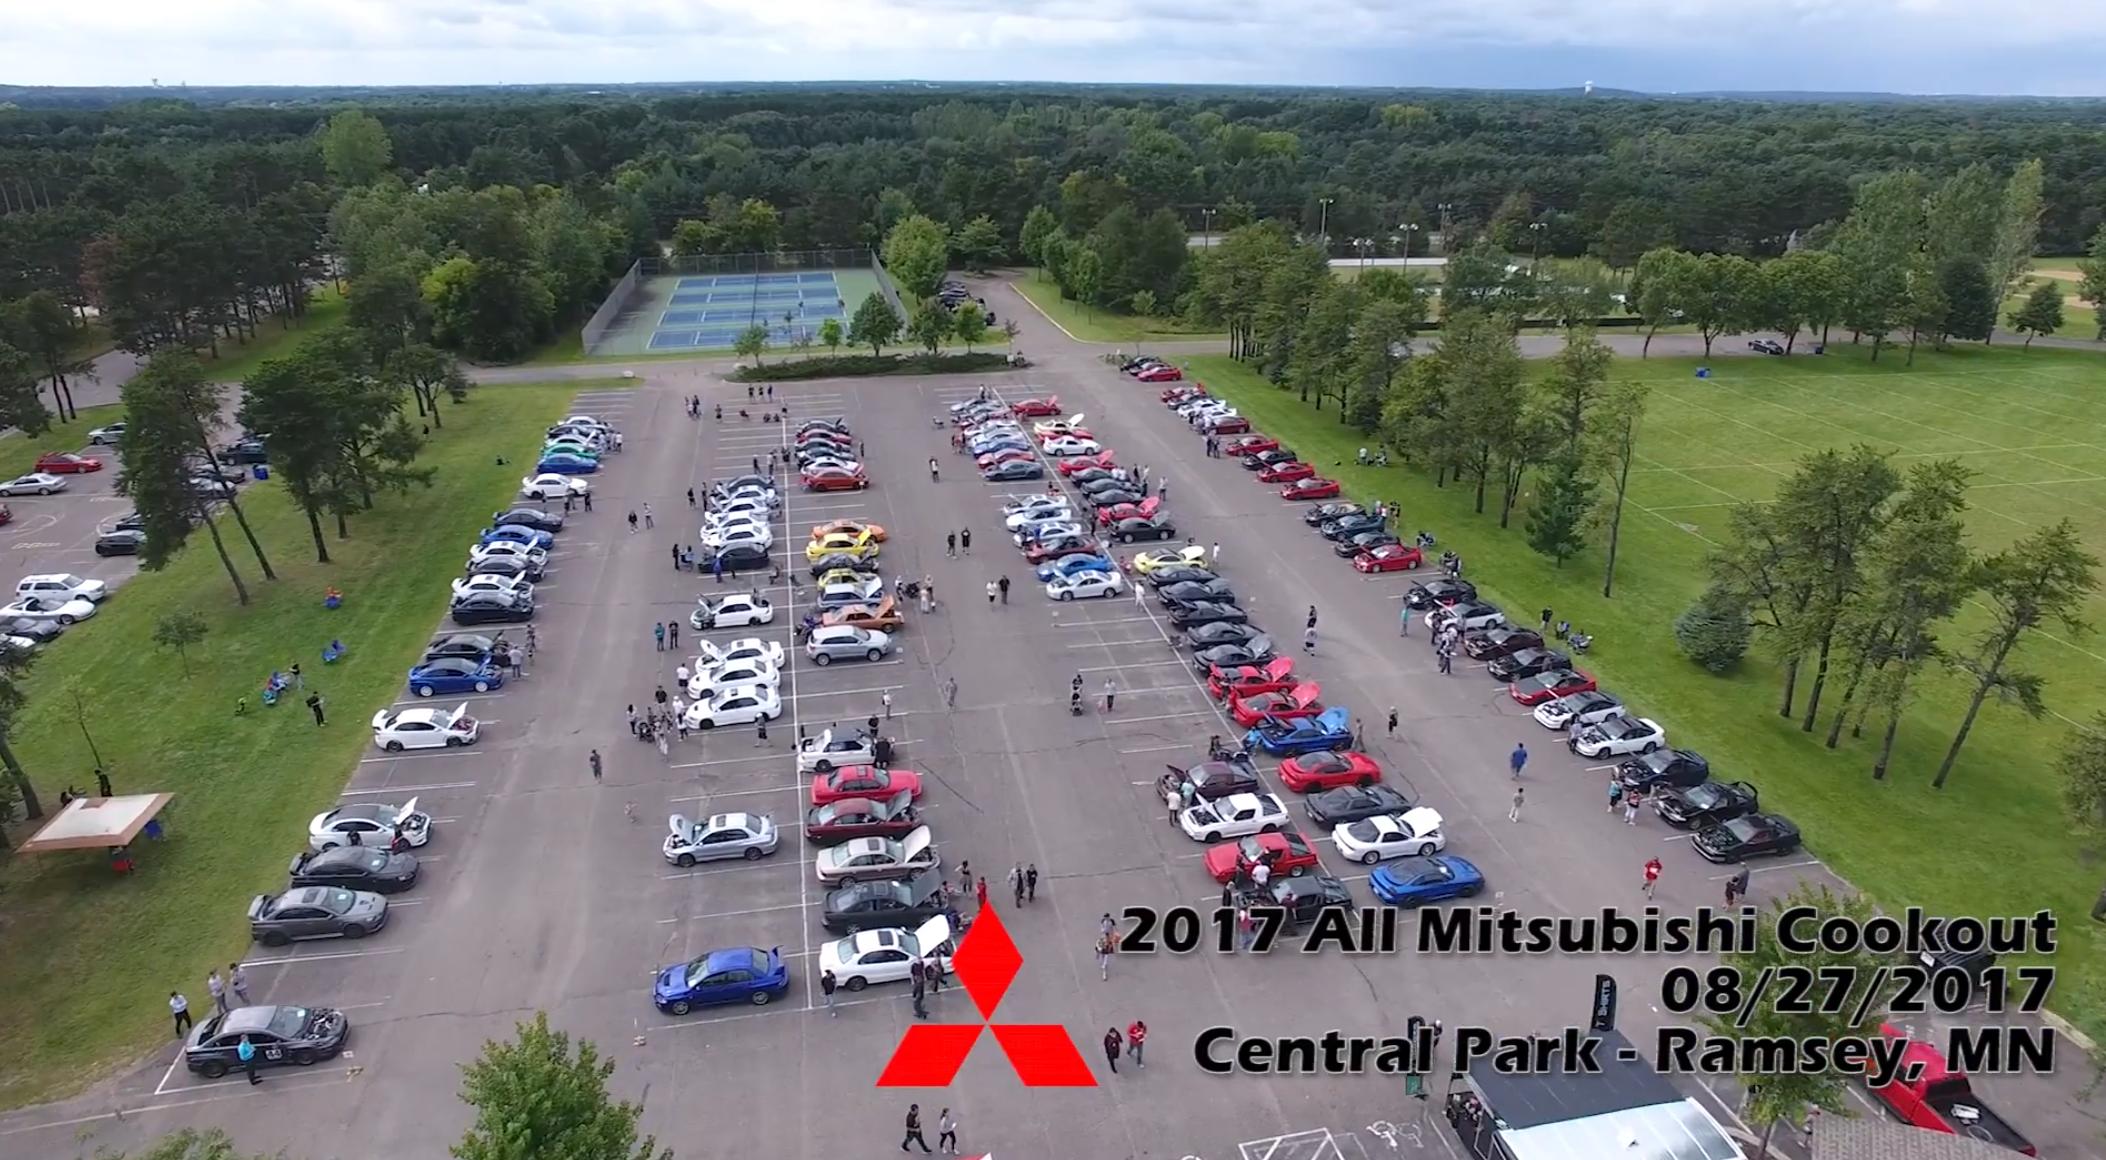 2017 Mitsubishi Cookout/Car Show